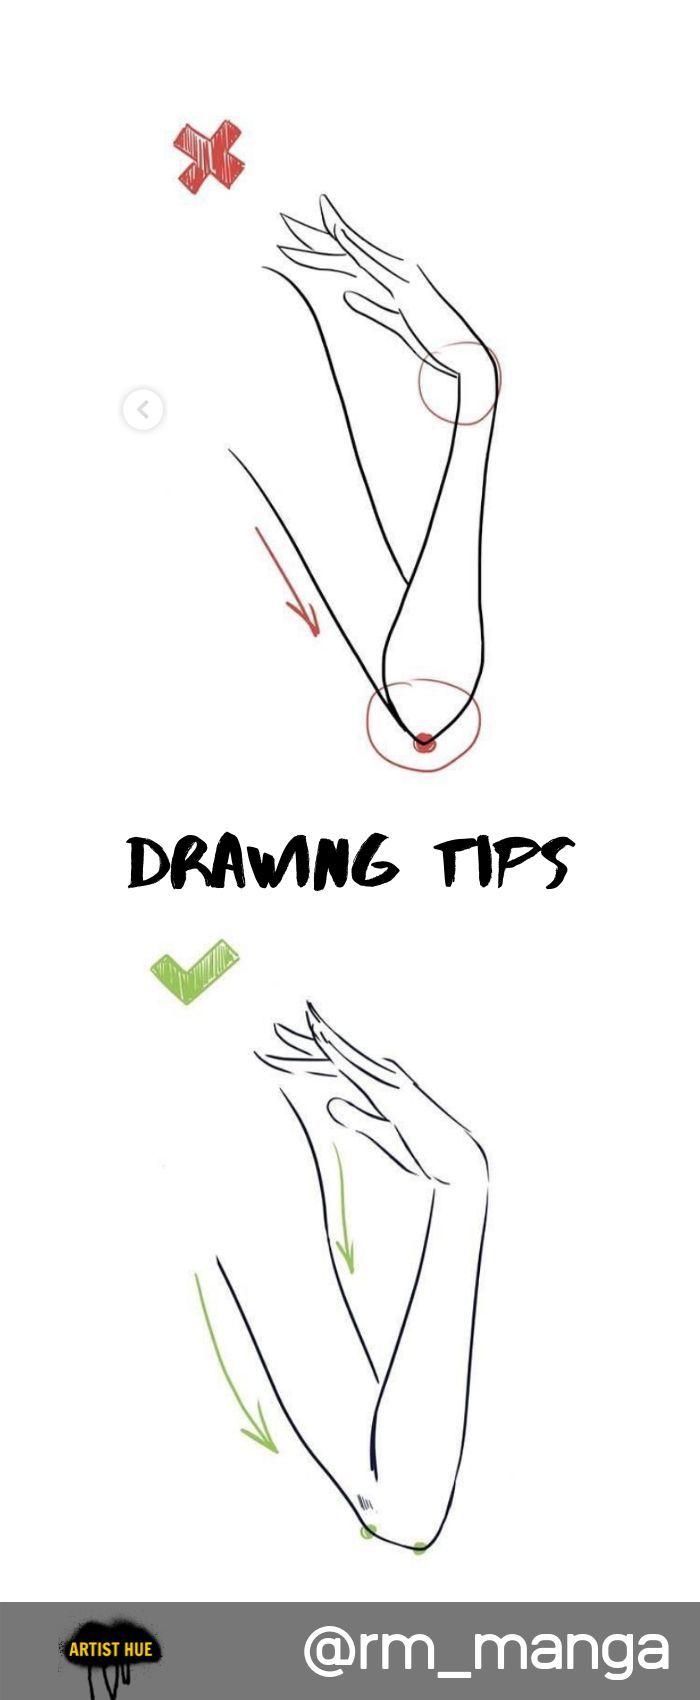 Tipps zum Zeichnen für Hände: – Drawing – #Drawi…